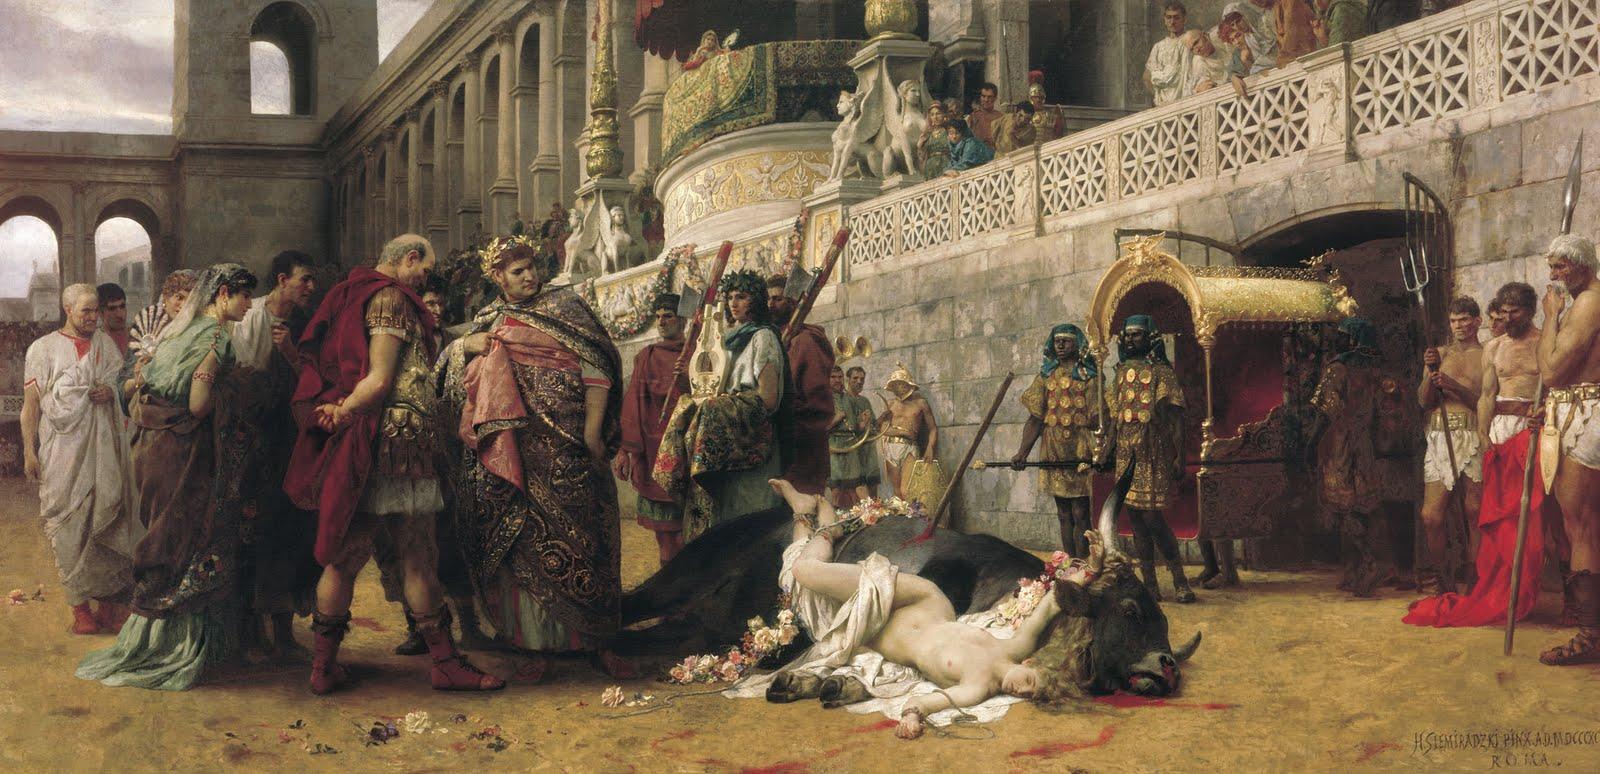 Ο Νέρων ρίχνει την χριστιανή Δίρκη στα θηρία. Πίνακας του Χένρυκ Σιμιράντζκι. Φωτογραφία: National Museum in Warsaw